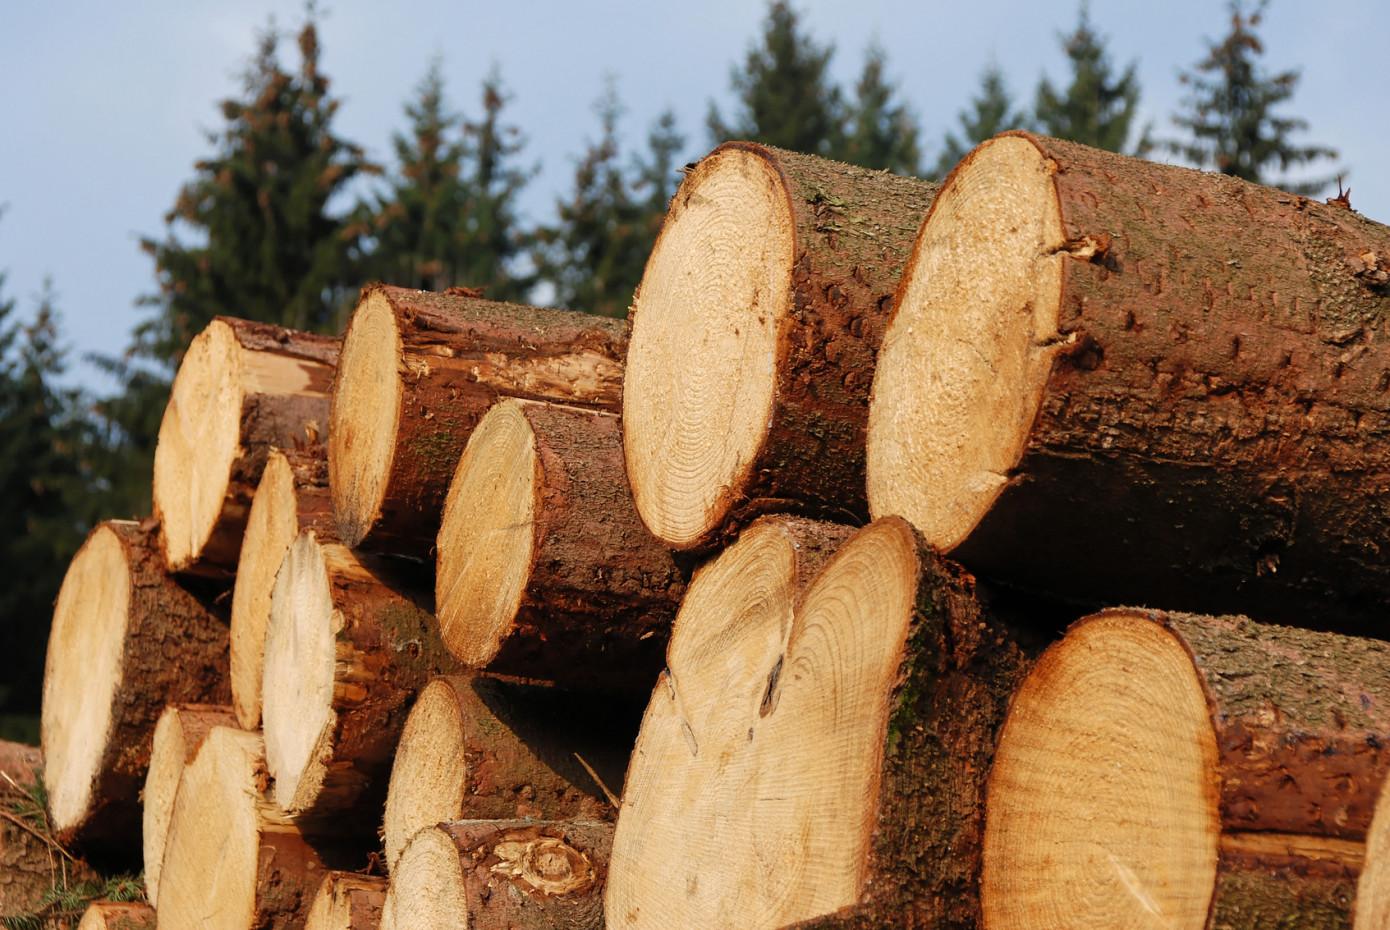 В январе 2021 г. Финляндия увеличила импорт лесоматериалов на 7%